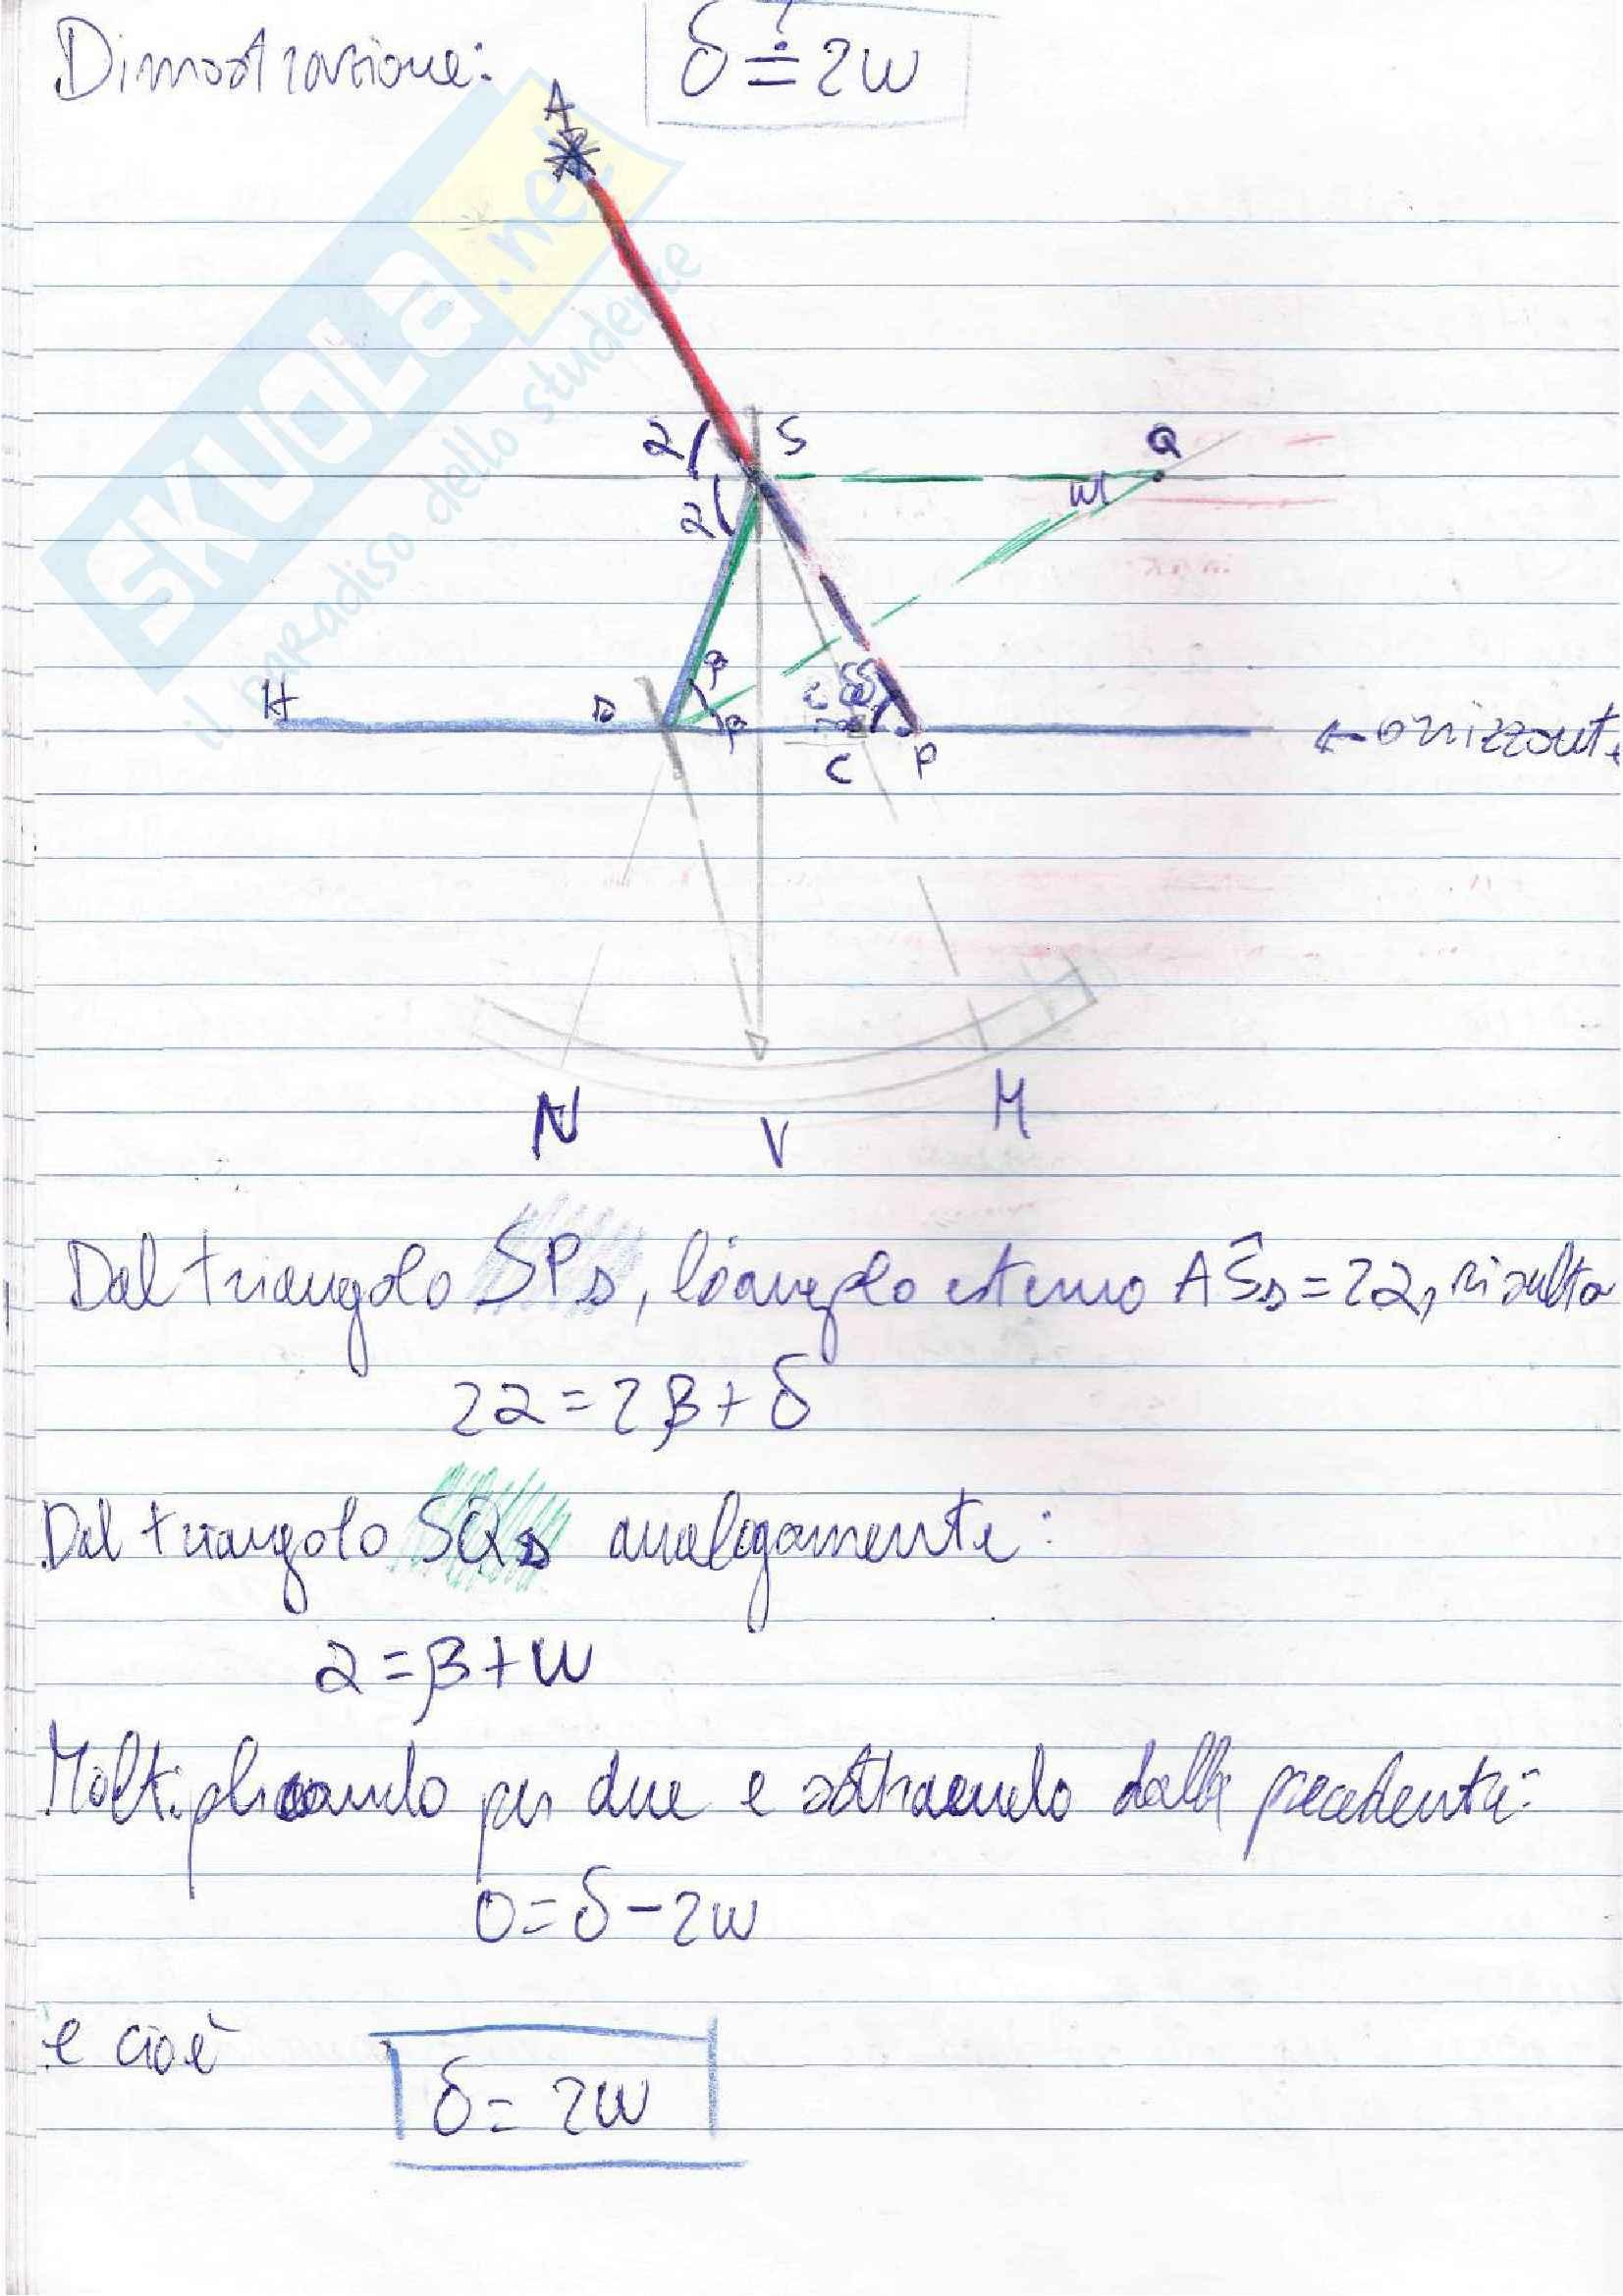 Lezioni, Navigazione Astronomica Pag. 41